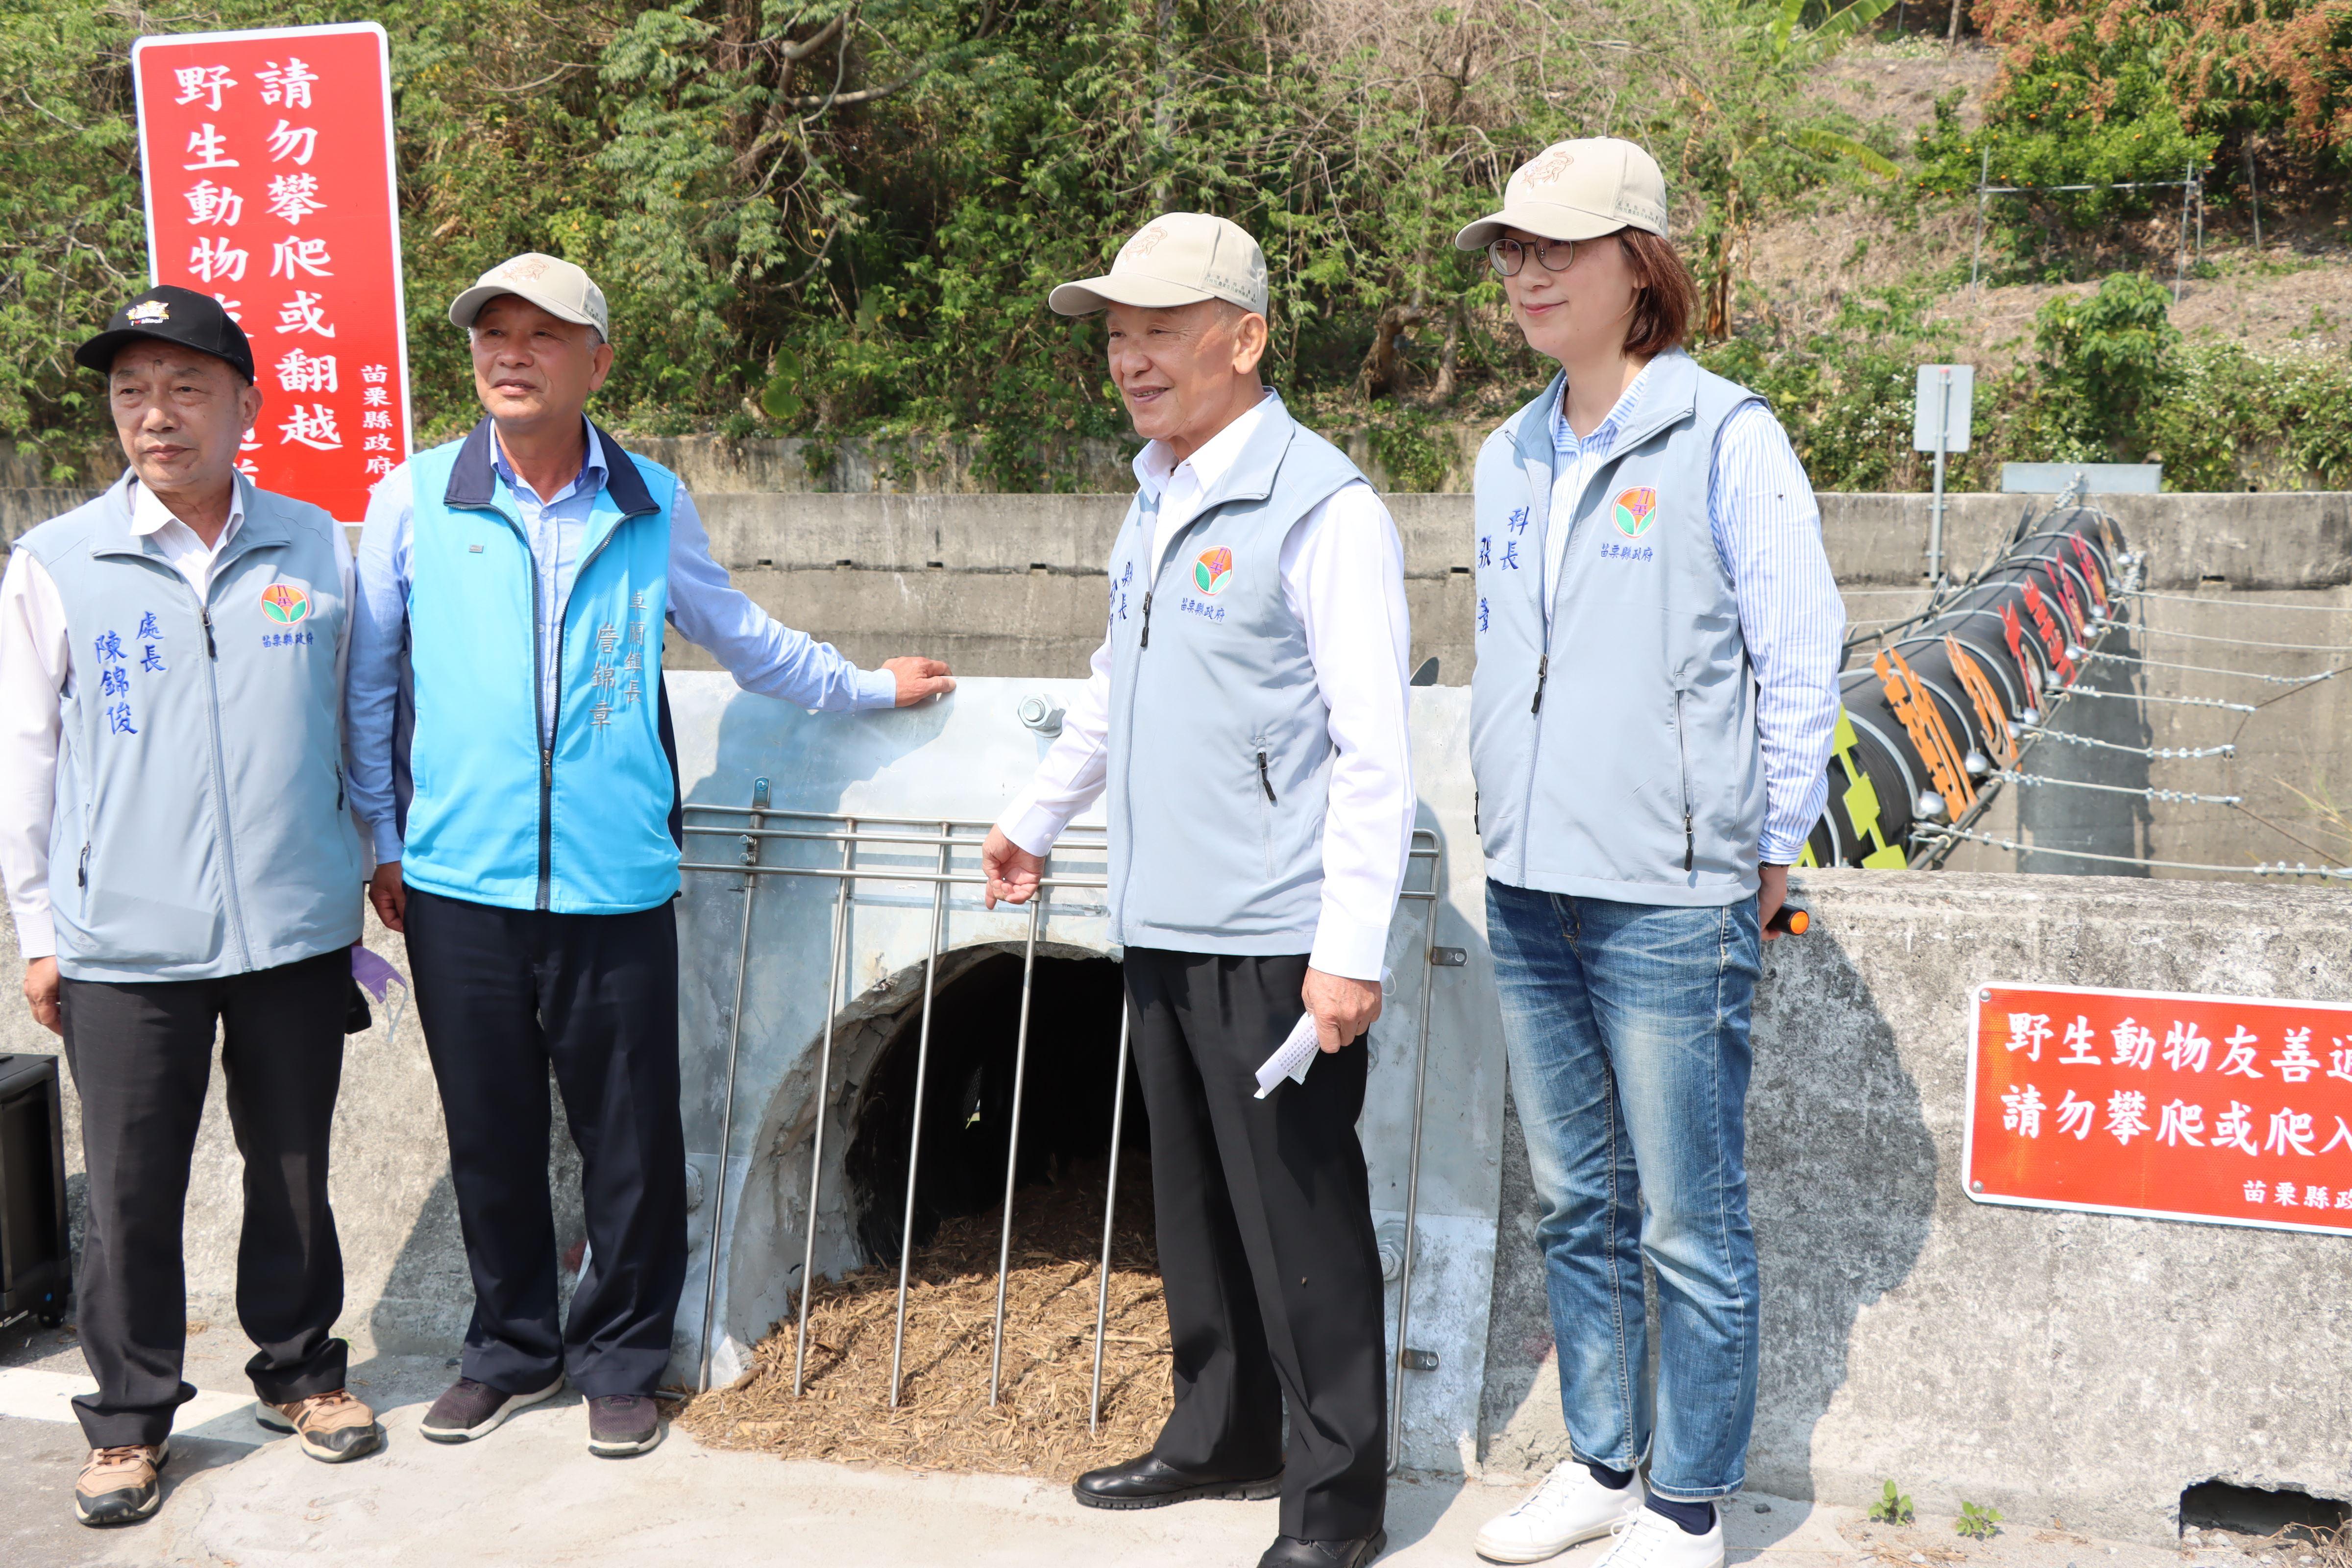 視察全國第一座卓蘭老庄溪野生動物跨河友善通道